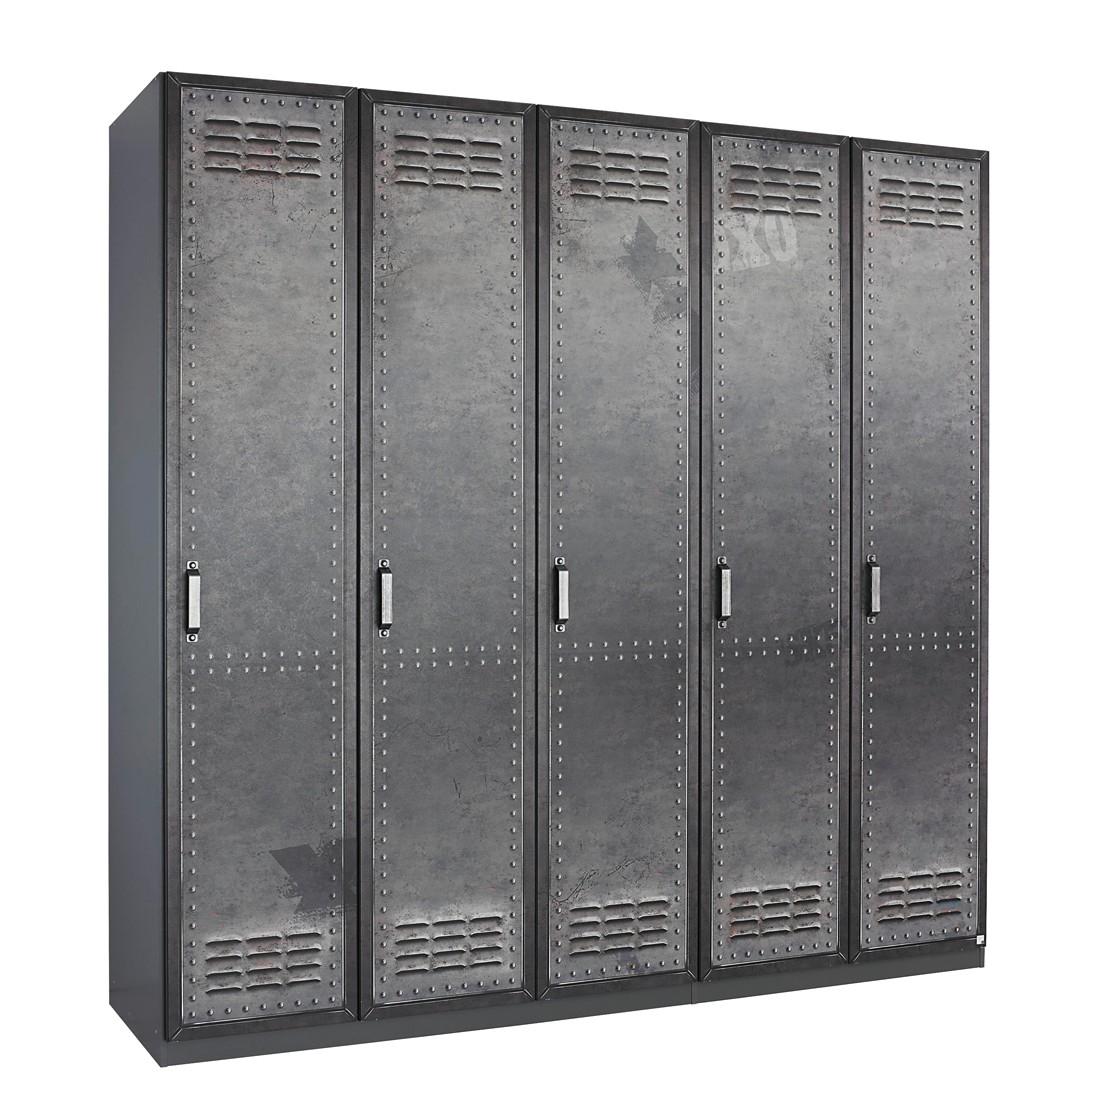 goedkoop Draaideurkast Workbase industrial print look grafietkleurig 181cm 4 deurs scharnieren rechts Rauch Select